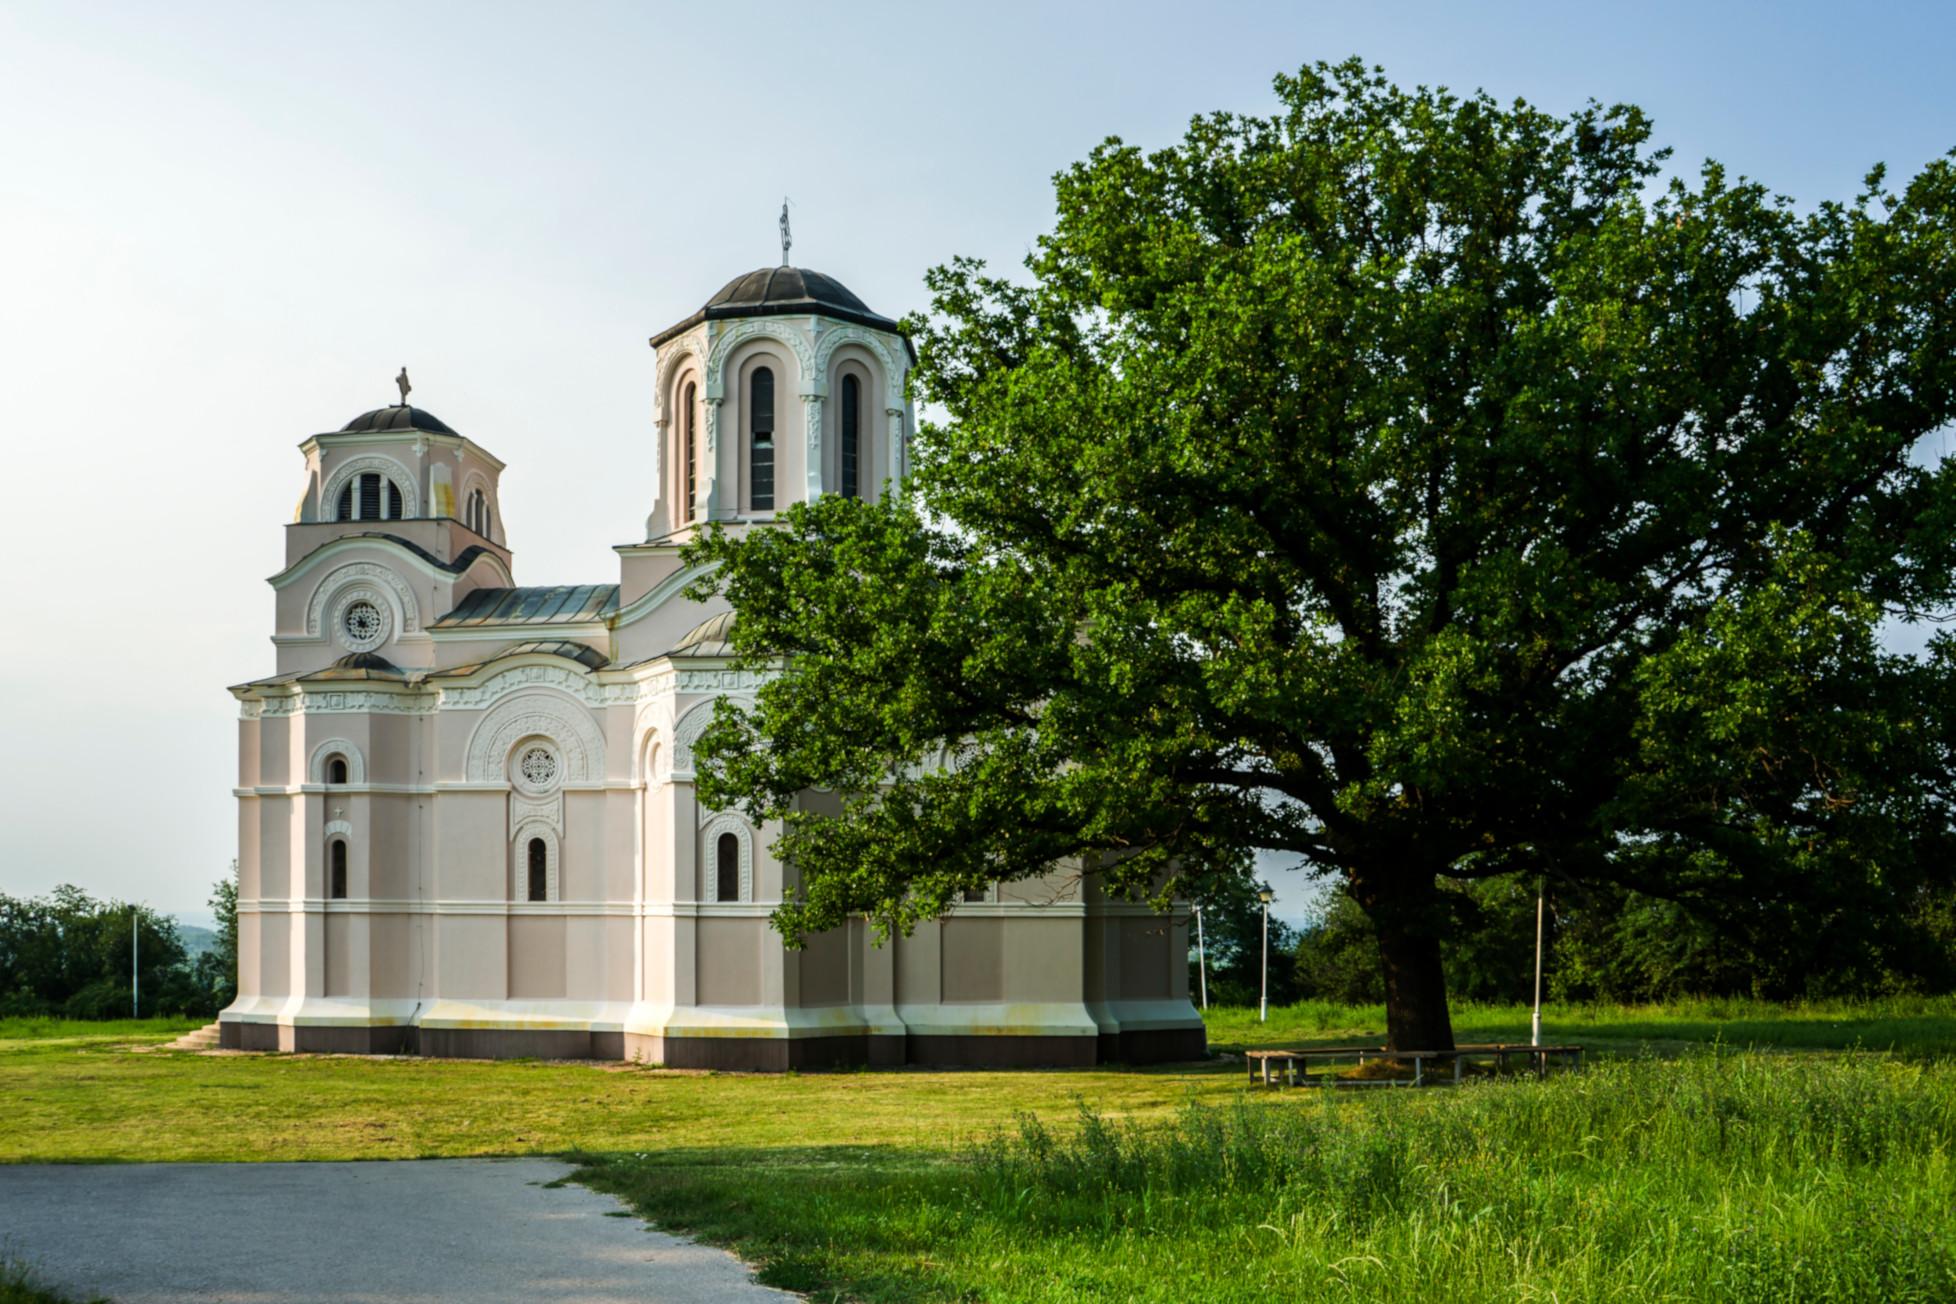 Go to Костолачки бисер: Тодића црква